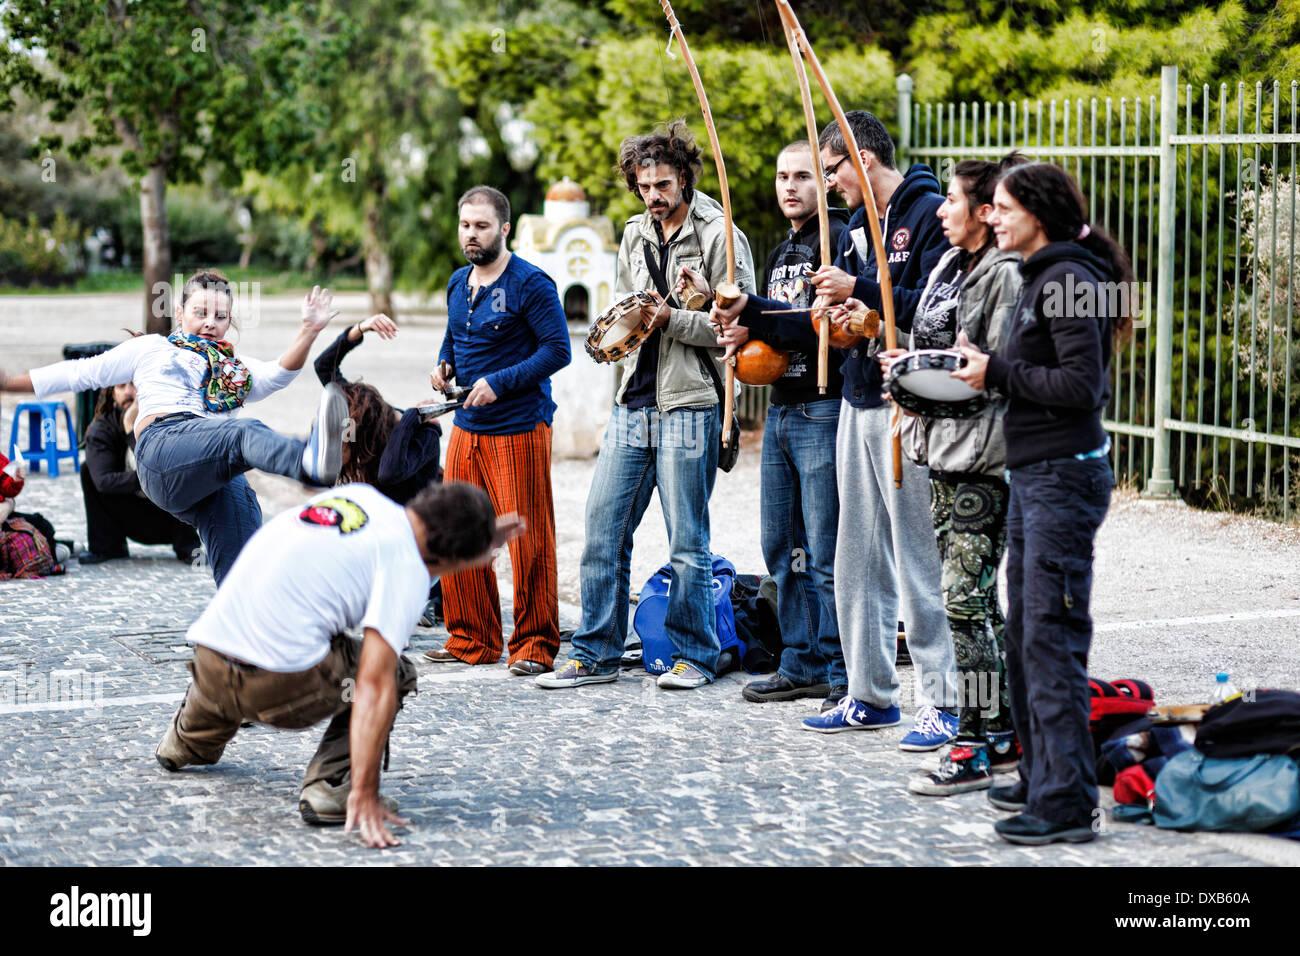 Capoeira en la calle de Atenas, Grecia Imagen De Stock